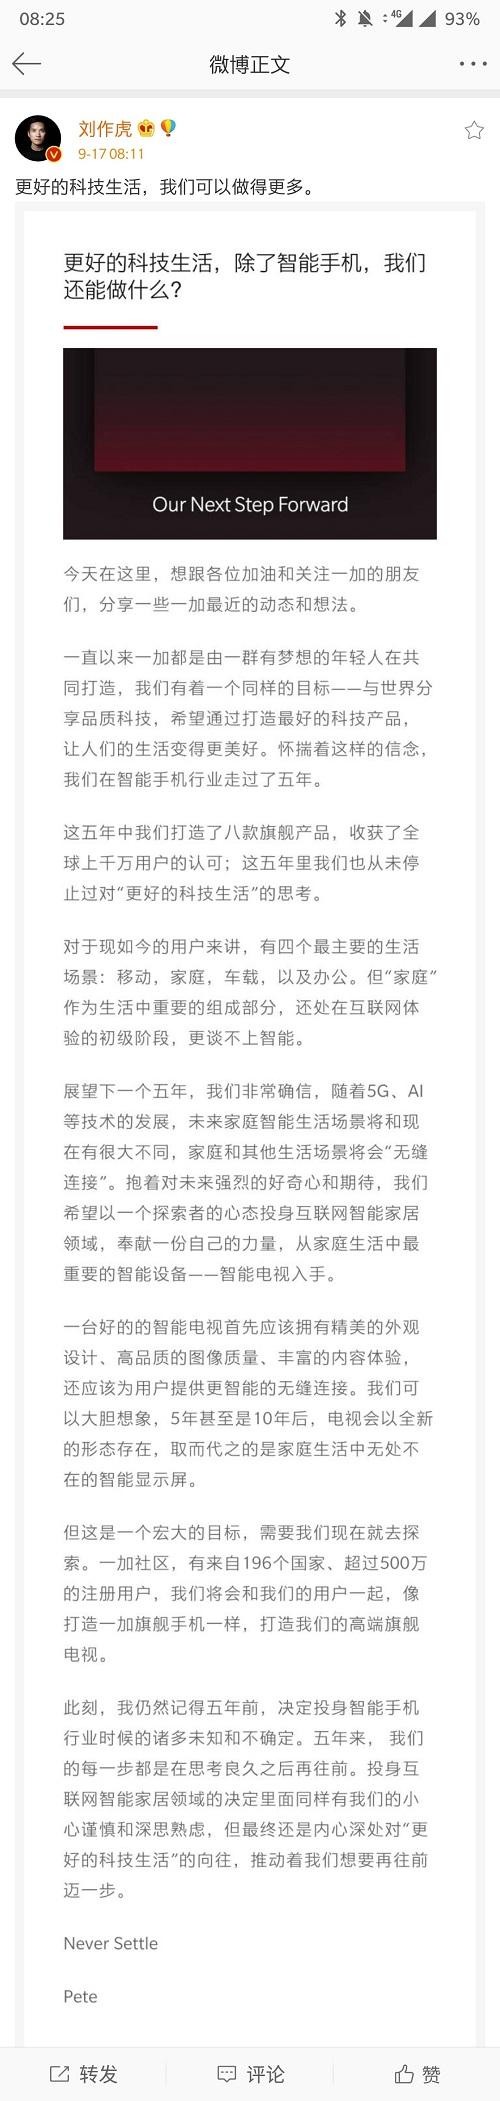 一加进军智能家居领域 刘作虎:探索更好的科技生活